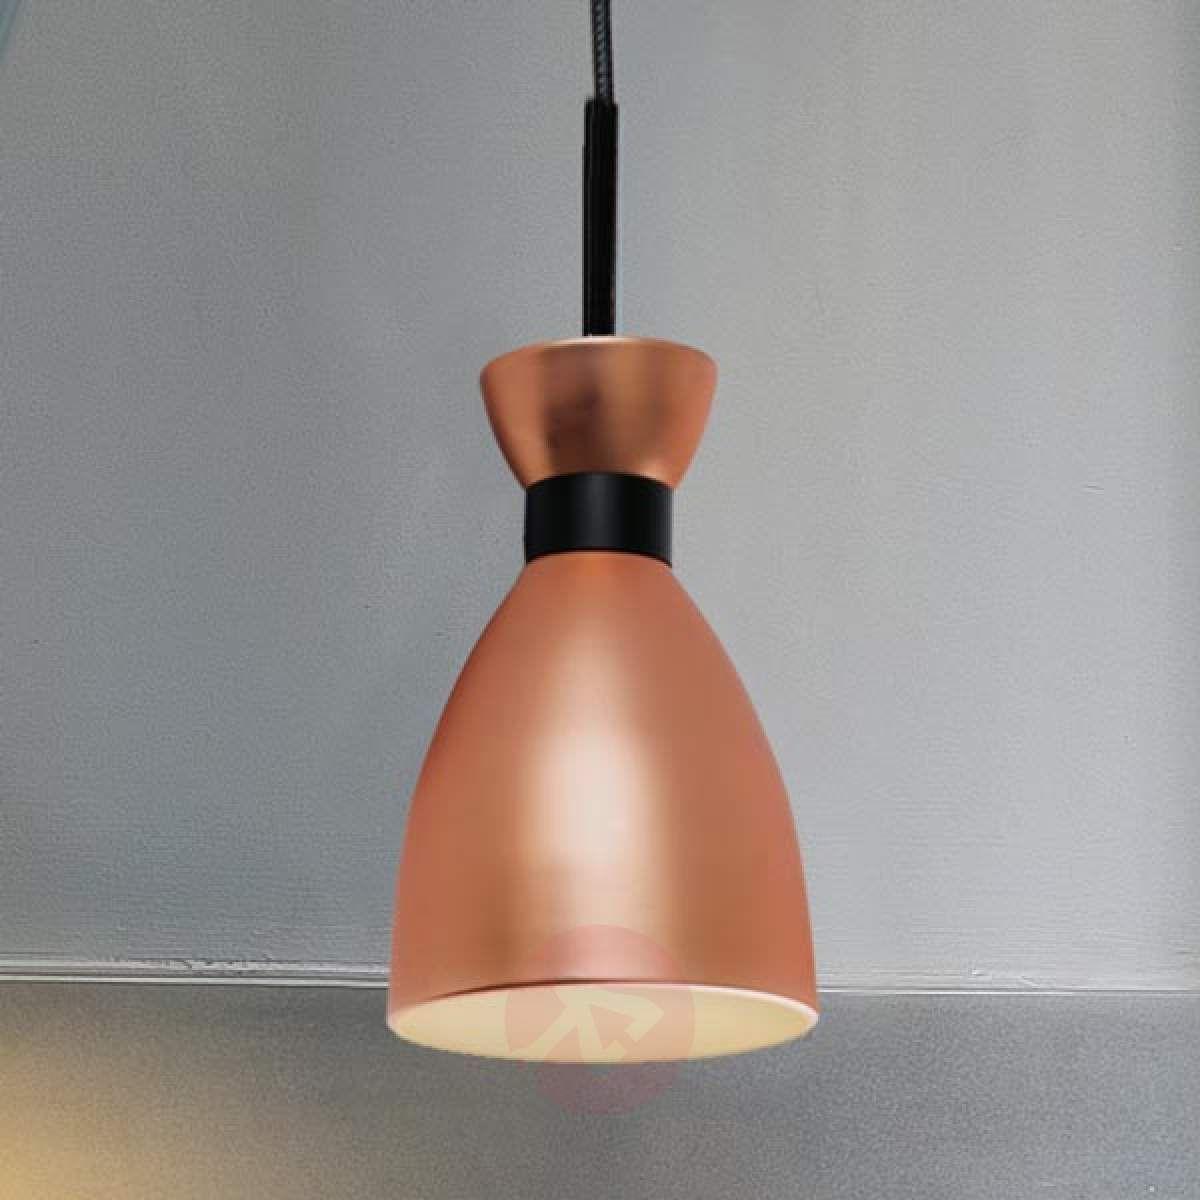 Stylowa Lampa Wisząca Retro Miedziana Lampy Wiszące W